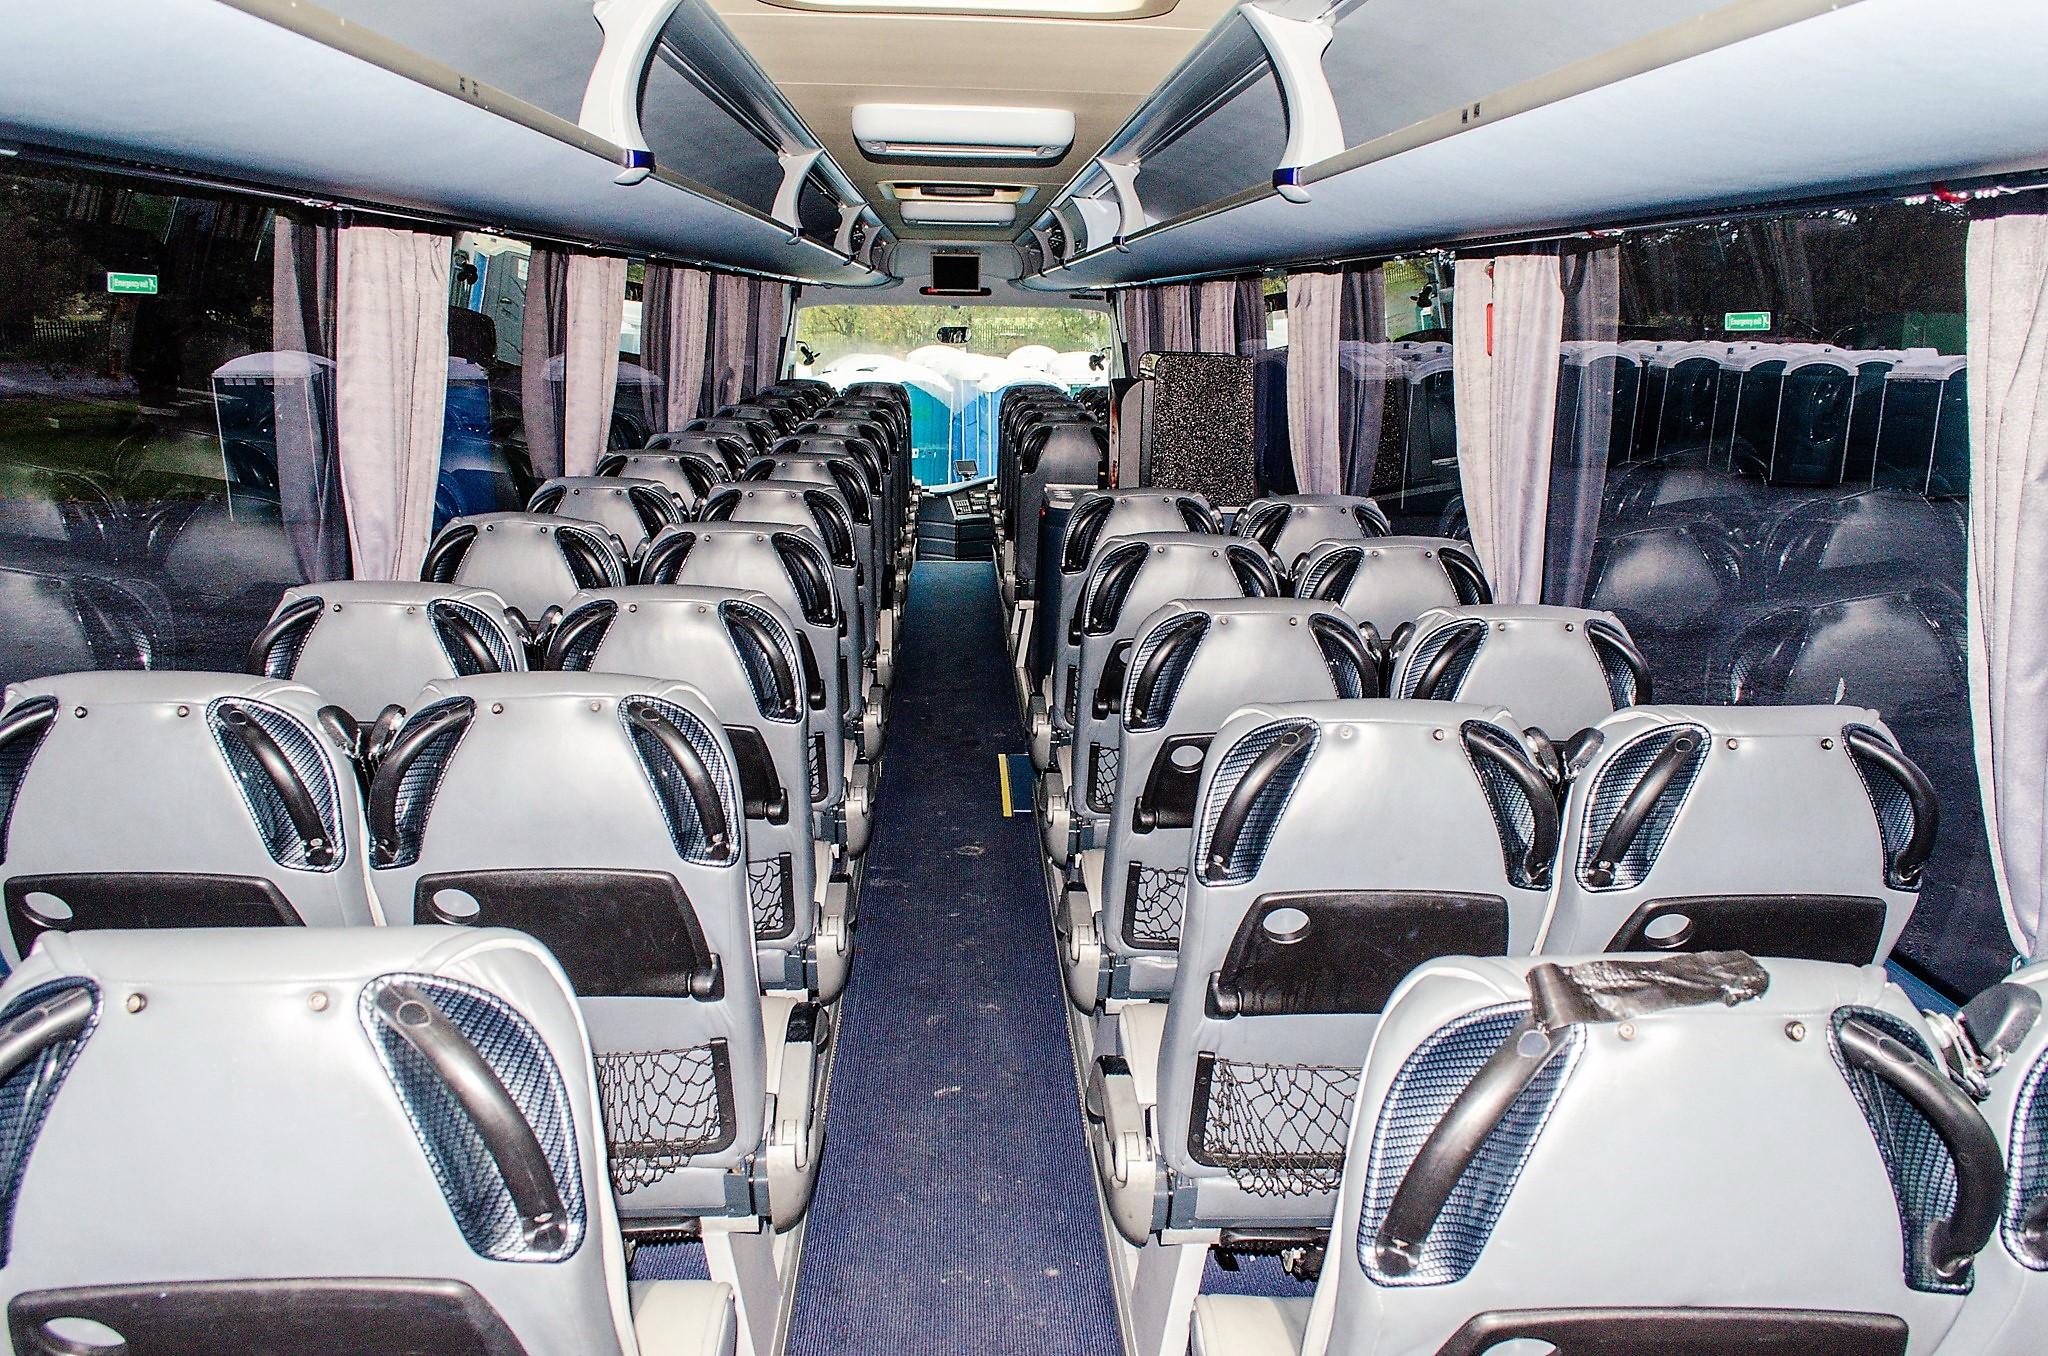 MAN Neoplan Tourliner 53 seat luxury coach Registration Number: MT61 HVF Date of Registration: 01/ - Image 15 of 21